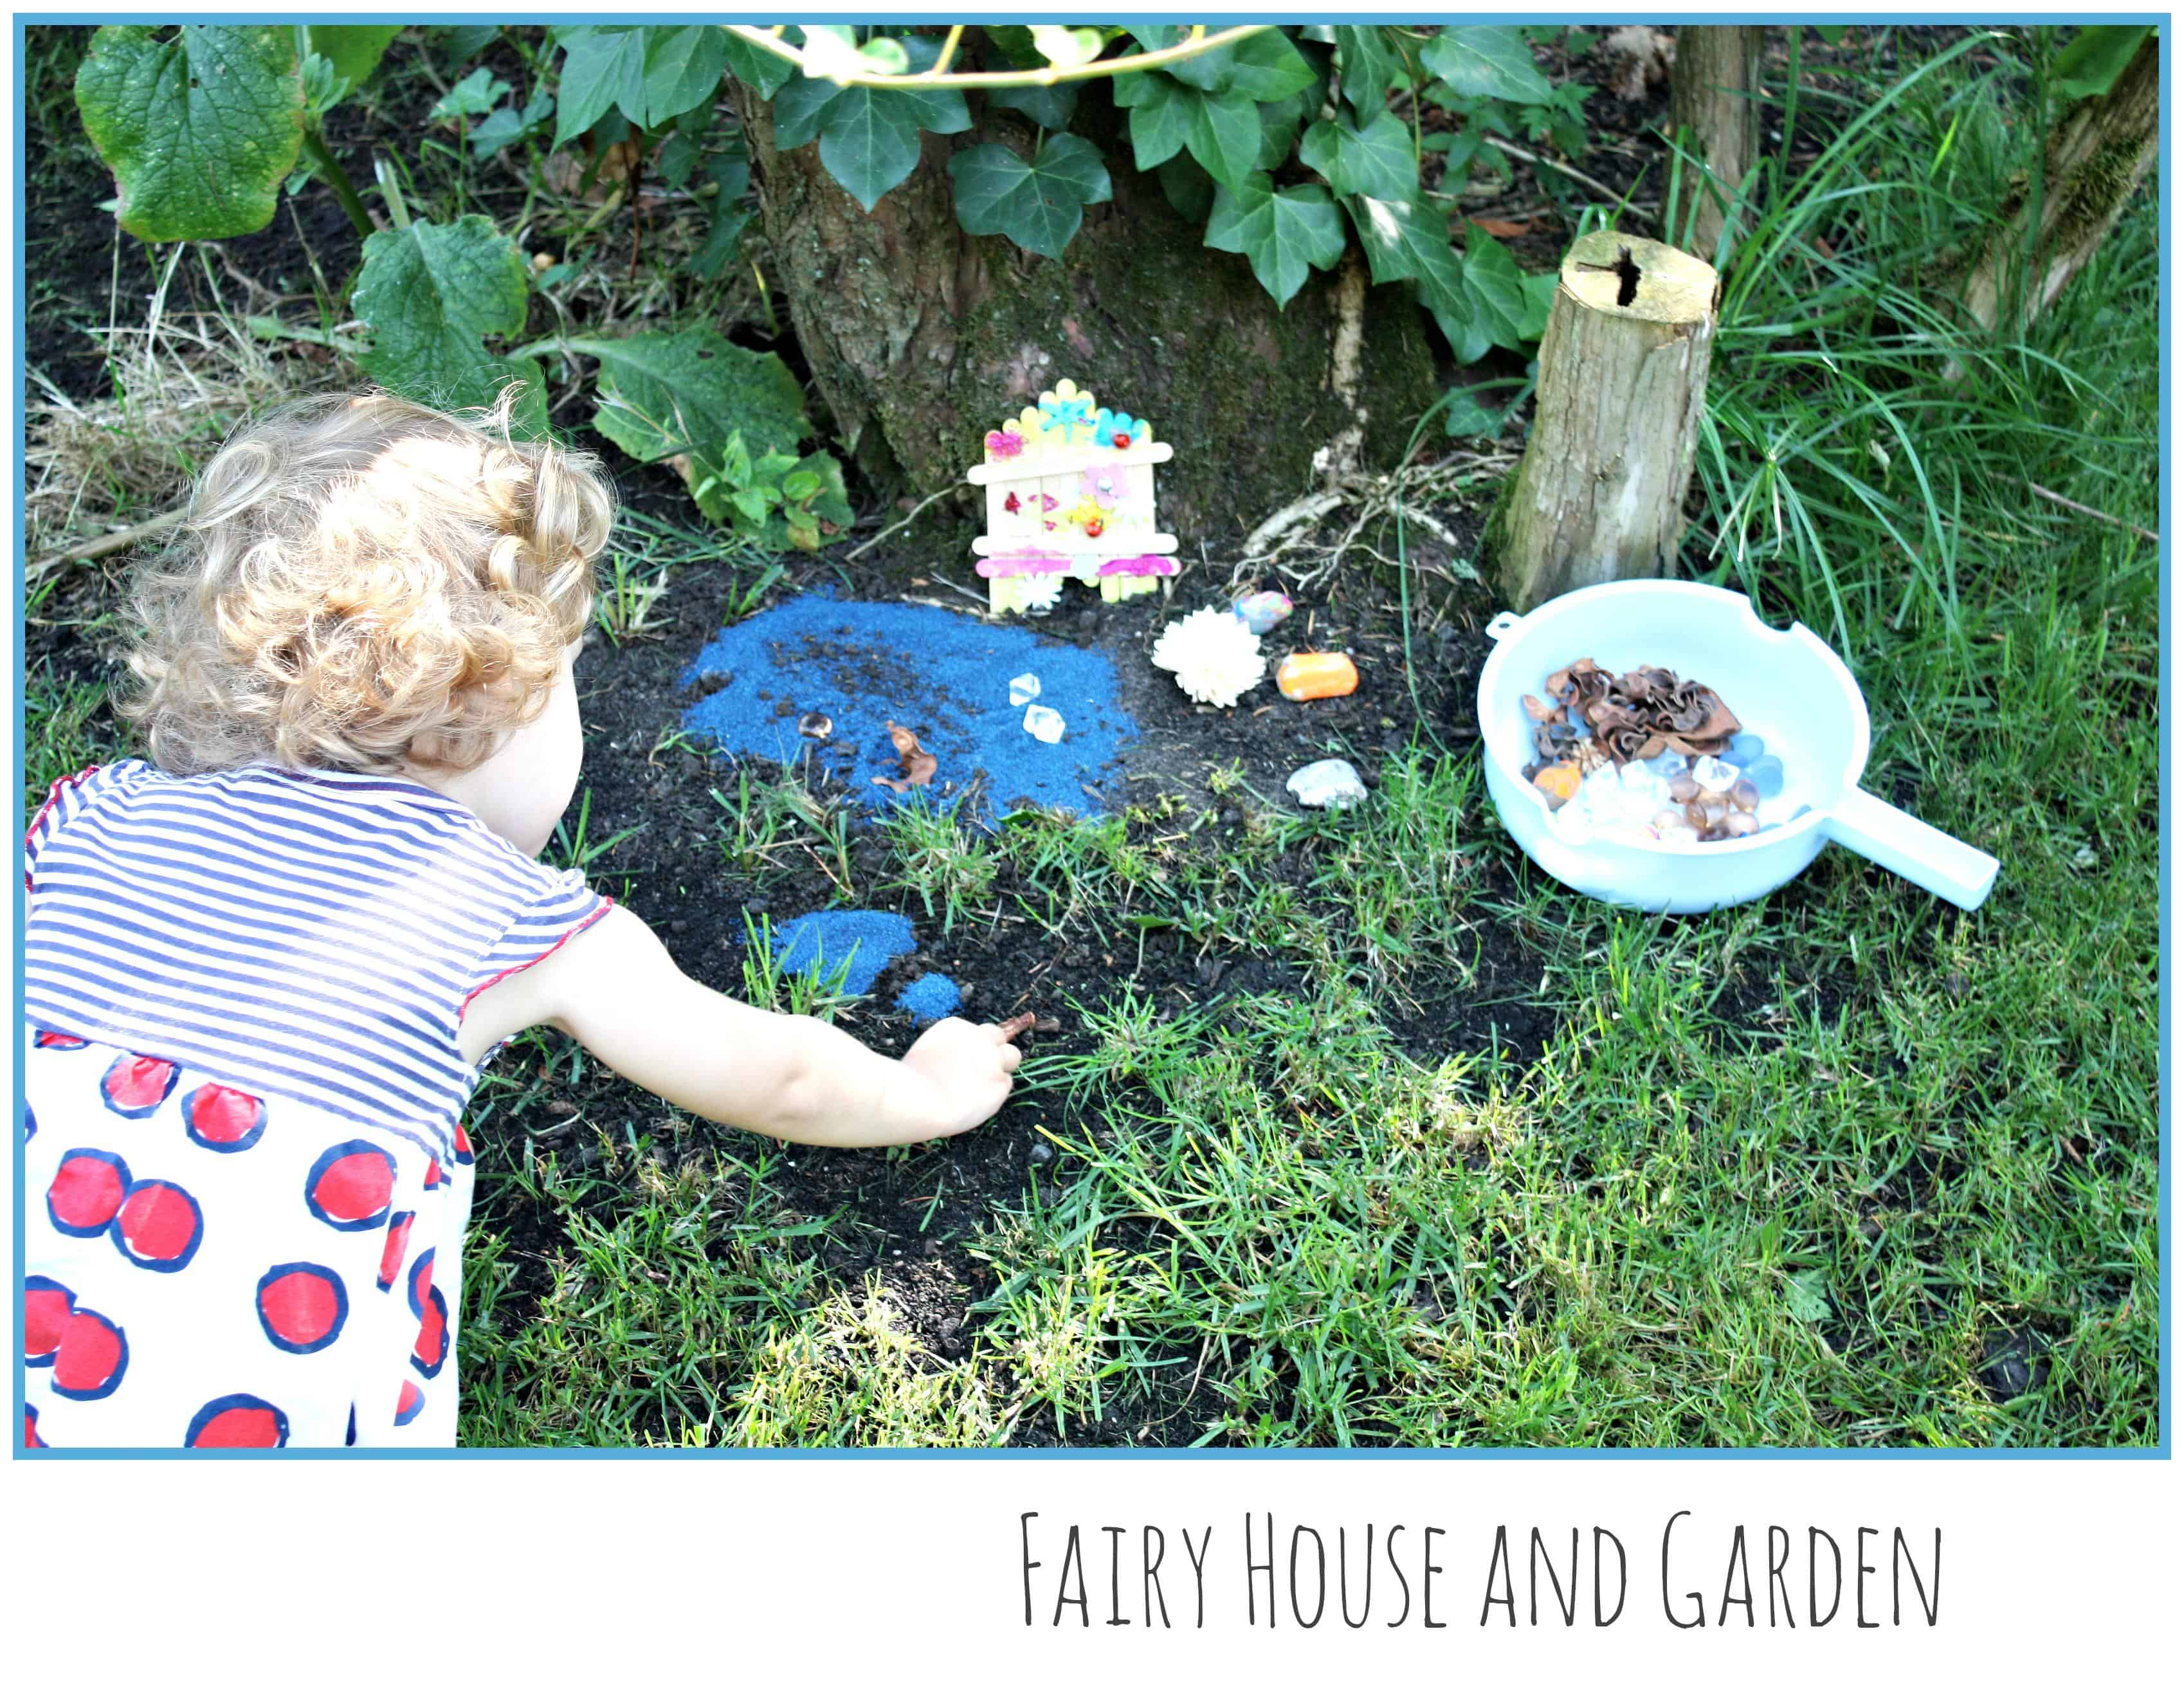 Fairy house and garden imaginative play emma owl for Diy fairy house door